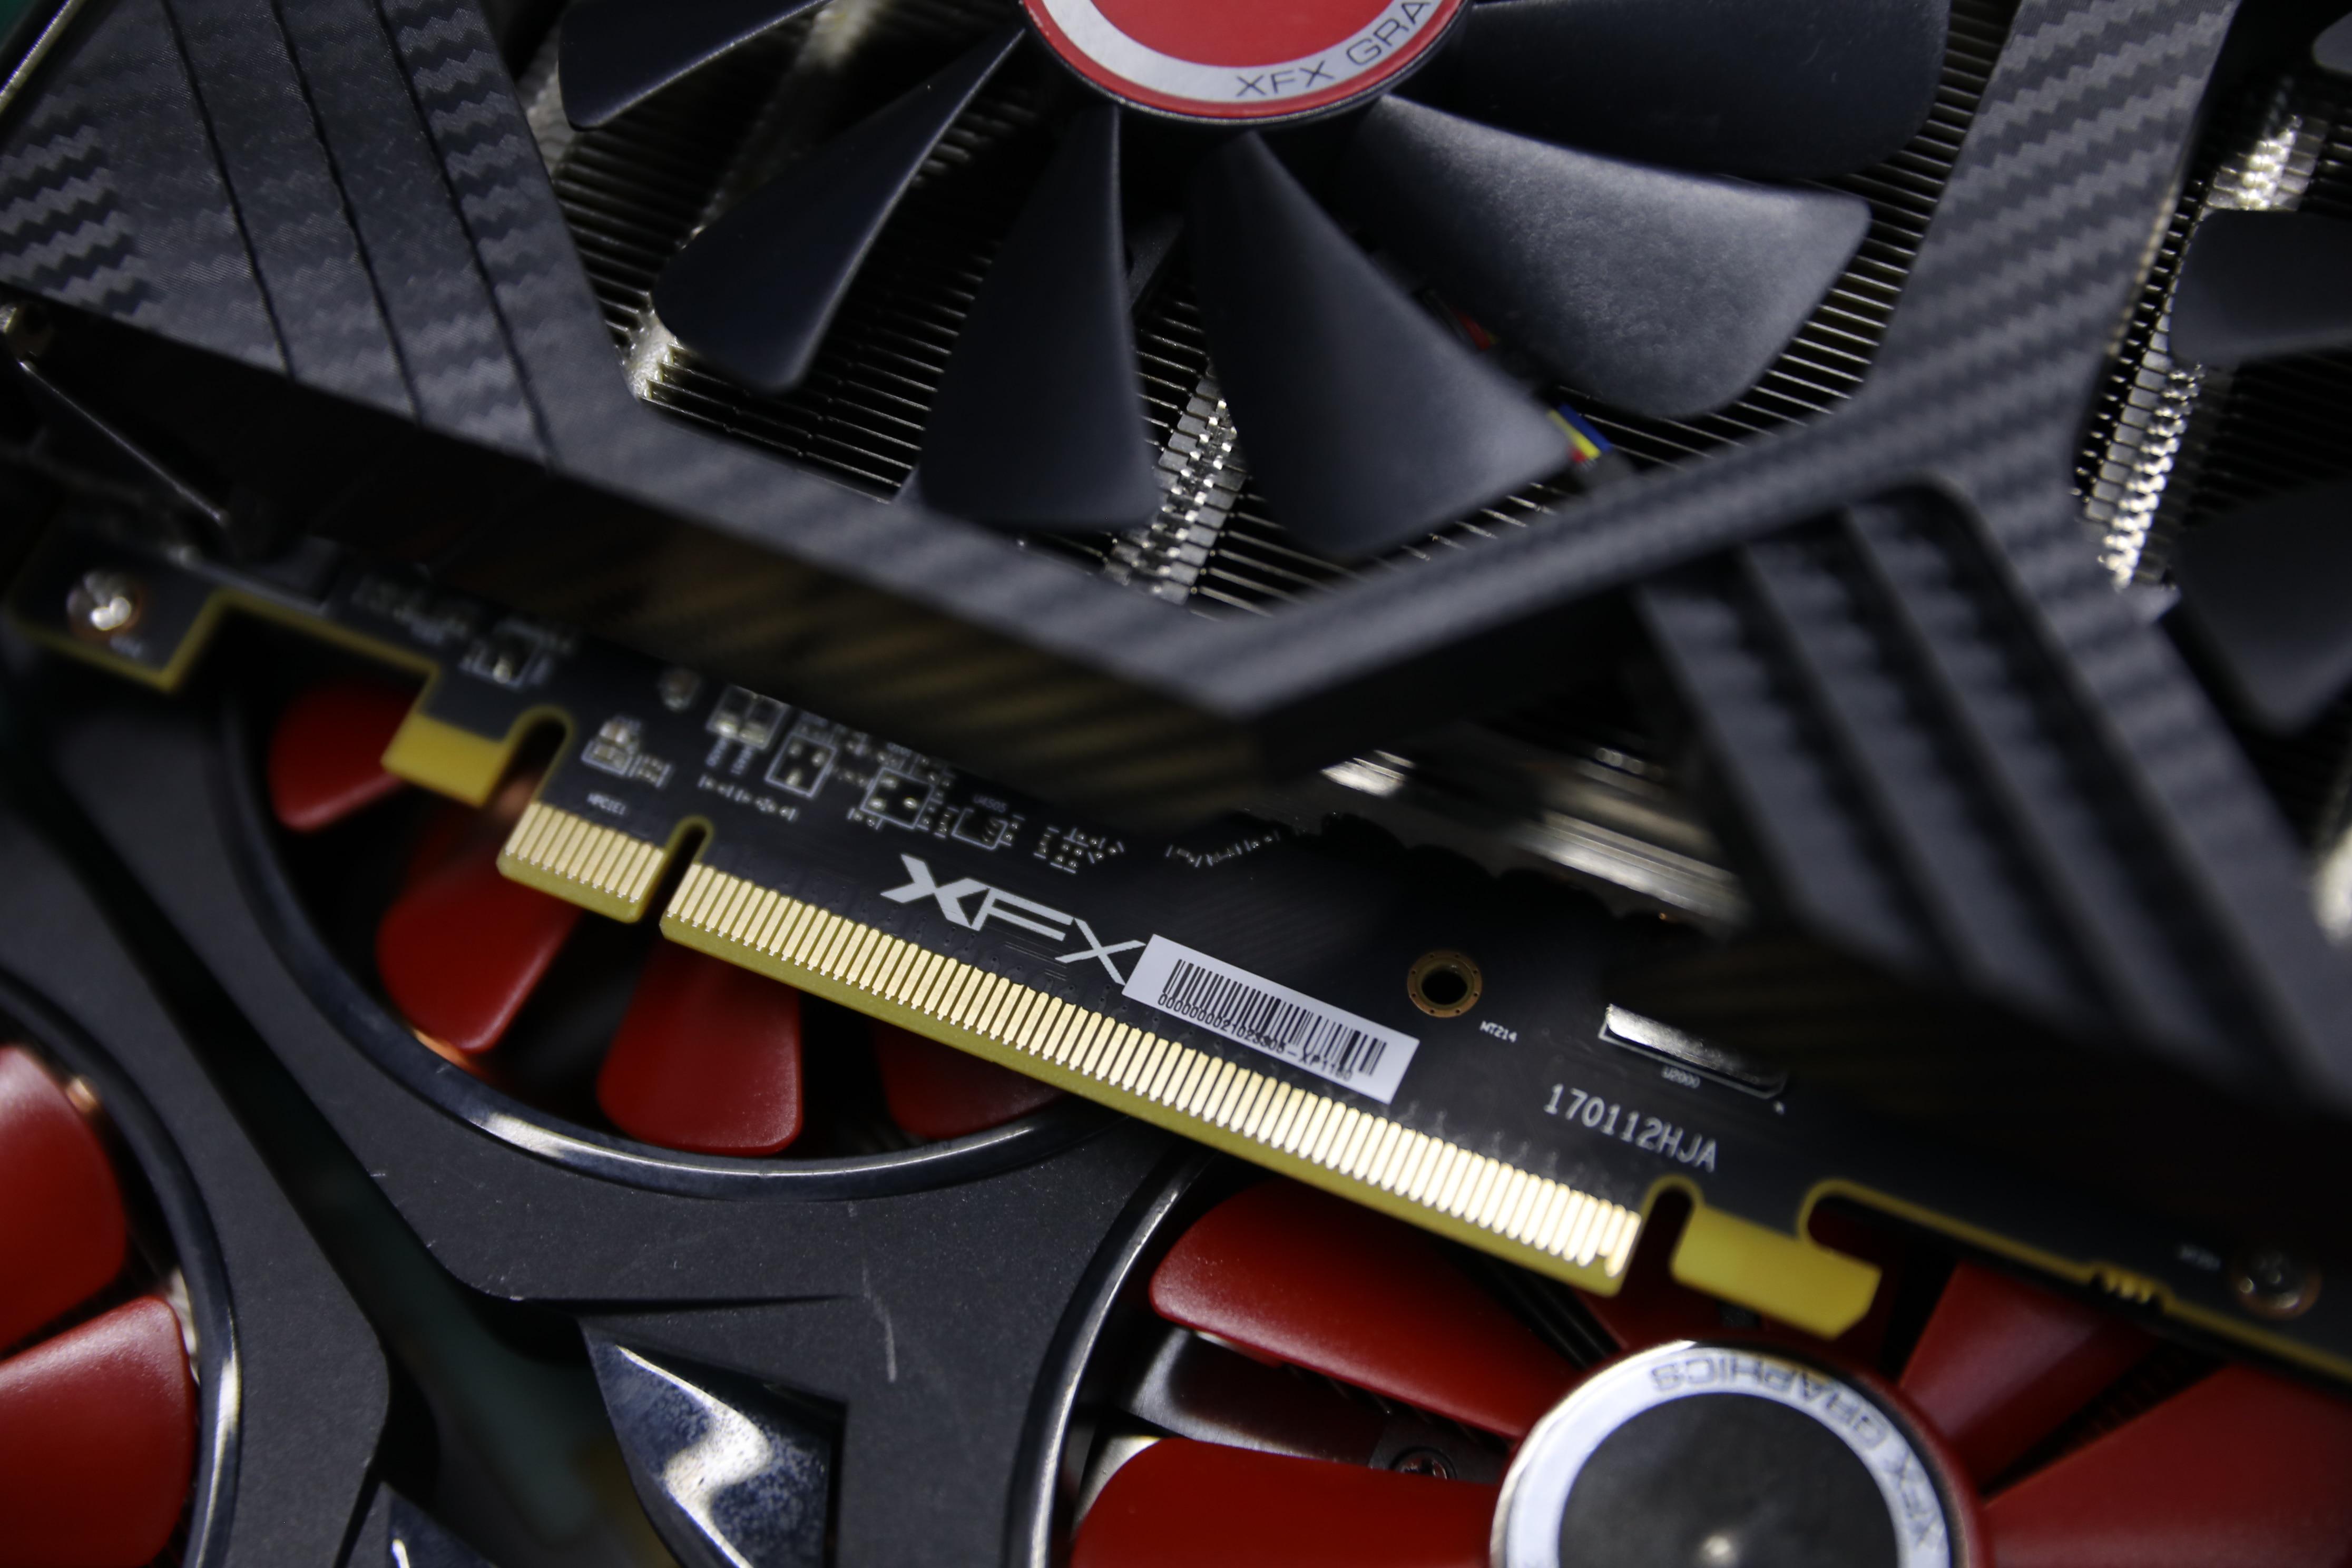 XFX RX 580 4GB 256bit GDDR5 Настольный ПК игровой видеокарты видеокарта не горнодобывающей промышленности используется rx 580 4g бне новая карточная игра rx580 8G 4G-4